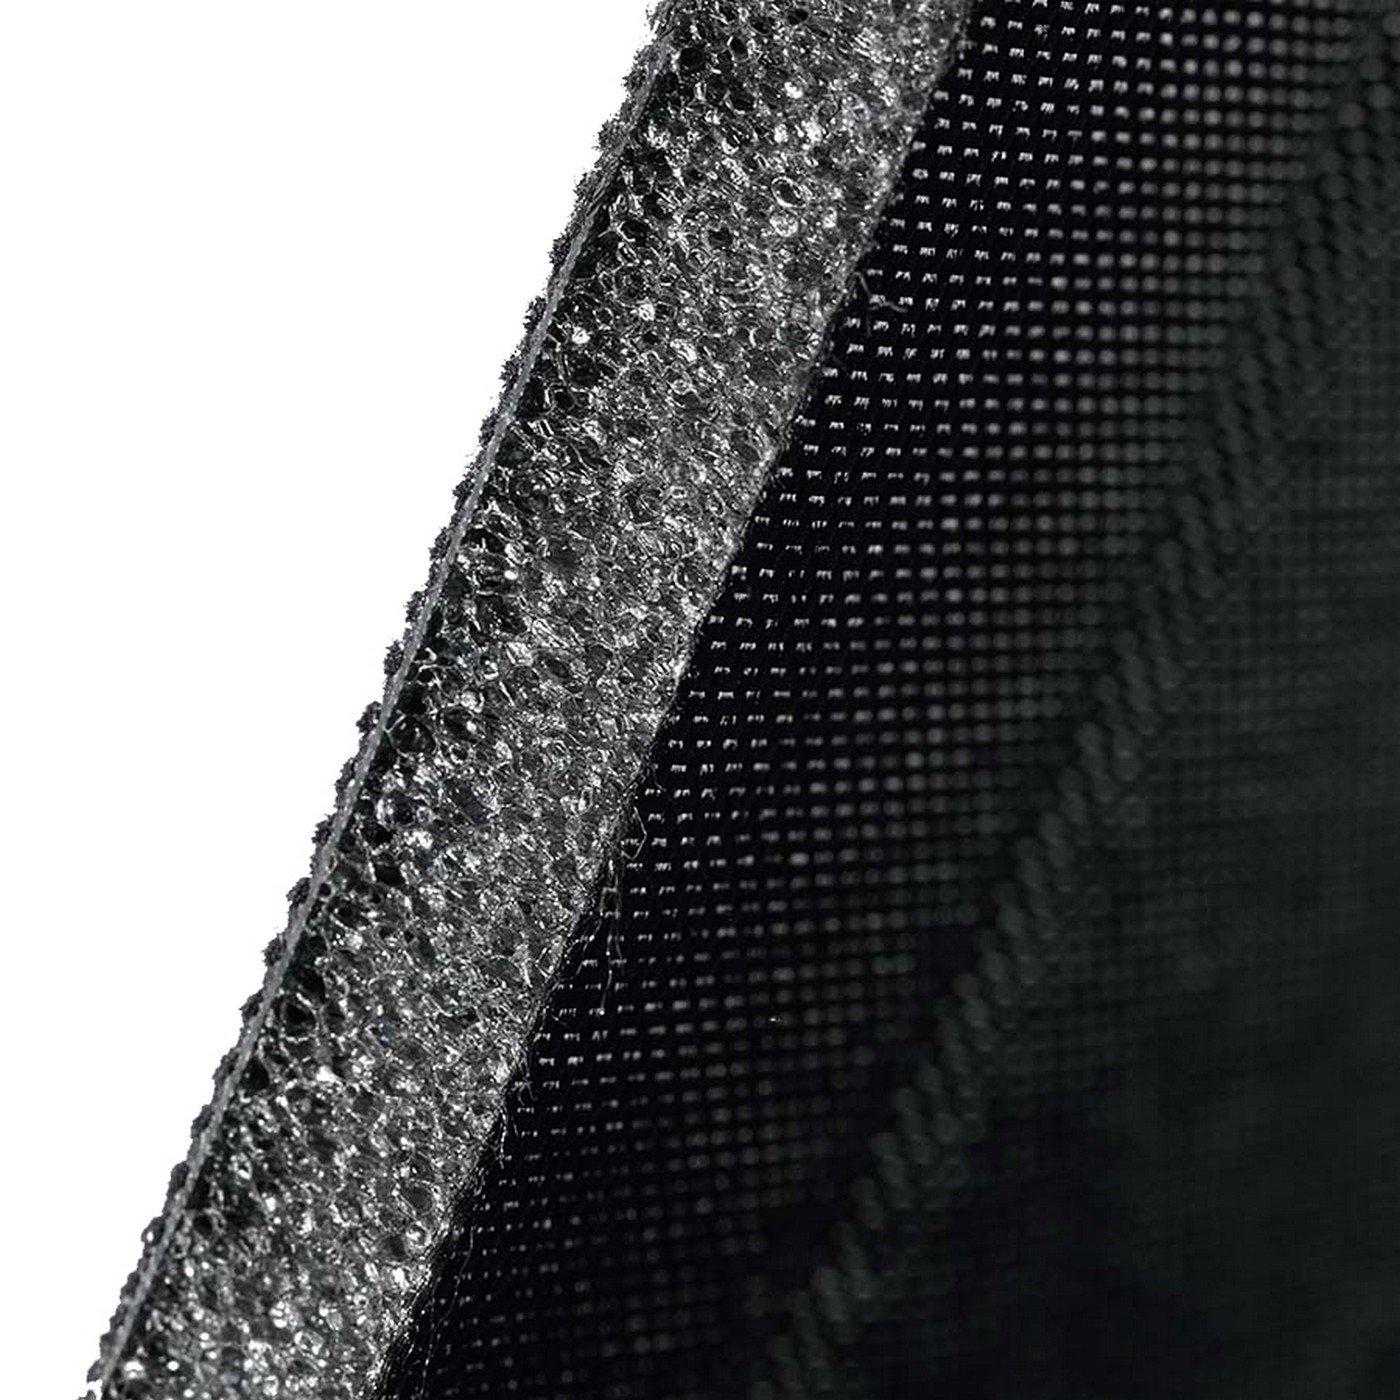 Yamaha SPCVR-1201 | Weather Resistant Speaker Cover for DXR12 DBR12 CBR12